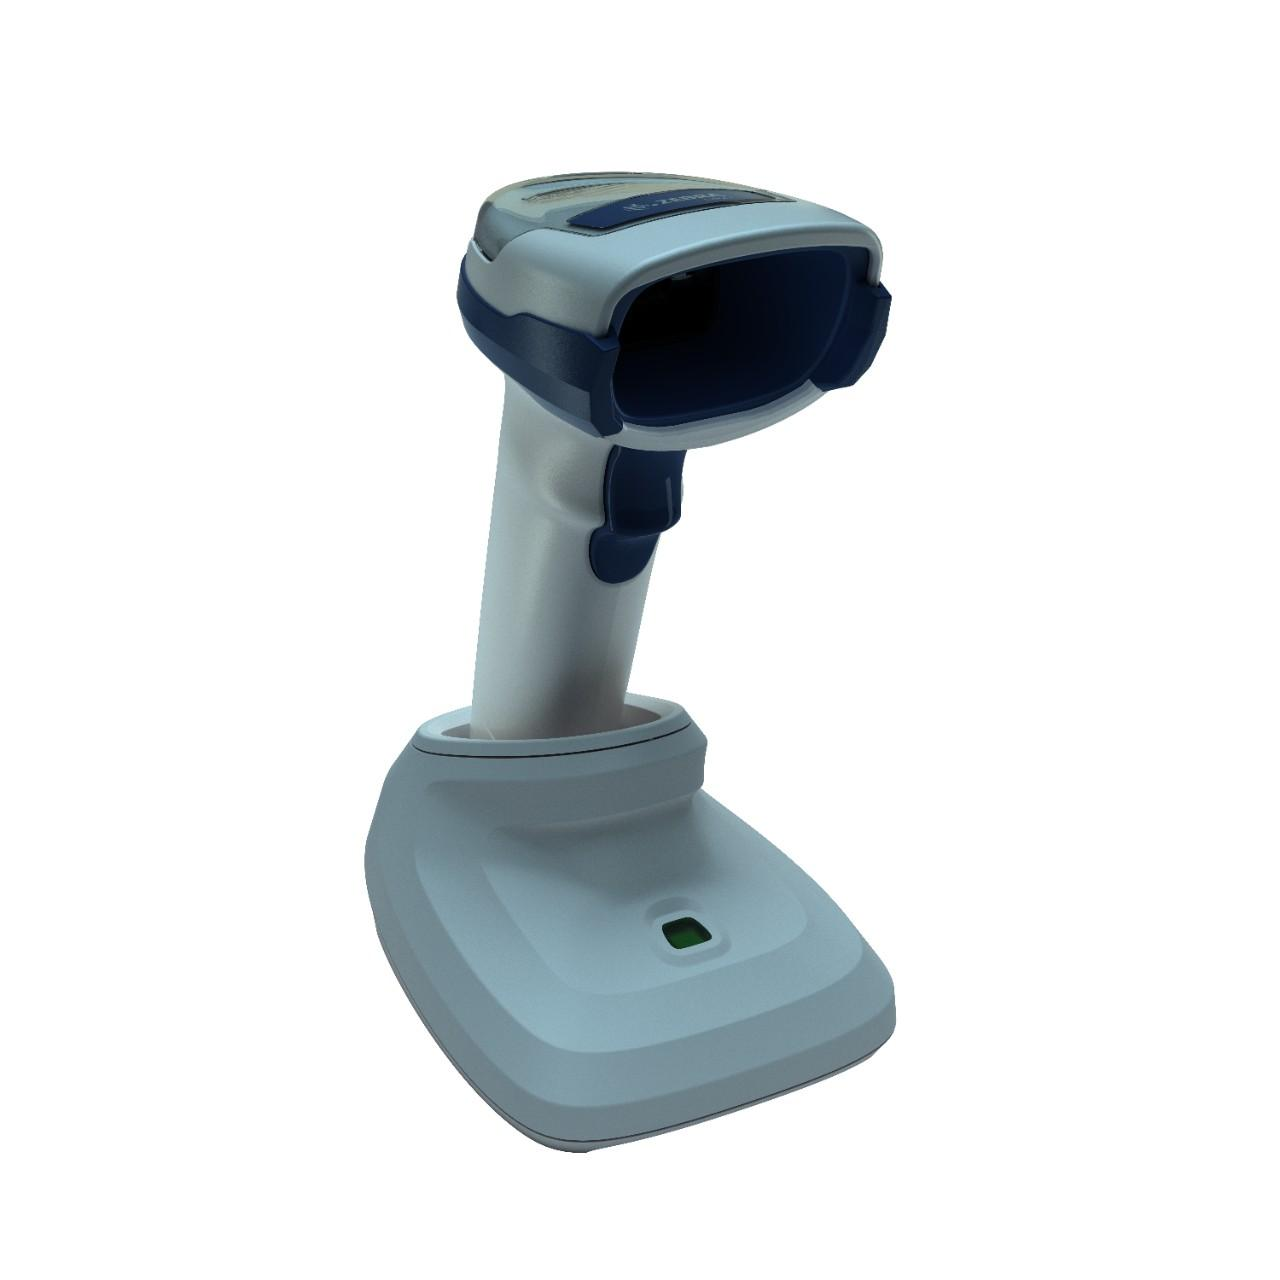 безжичен бял баркод скенер Zebra DS2278 Bluetooth със стойка поглед отстрани